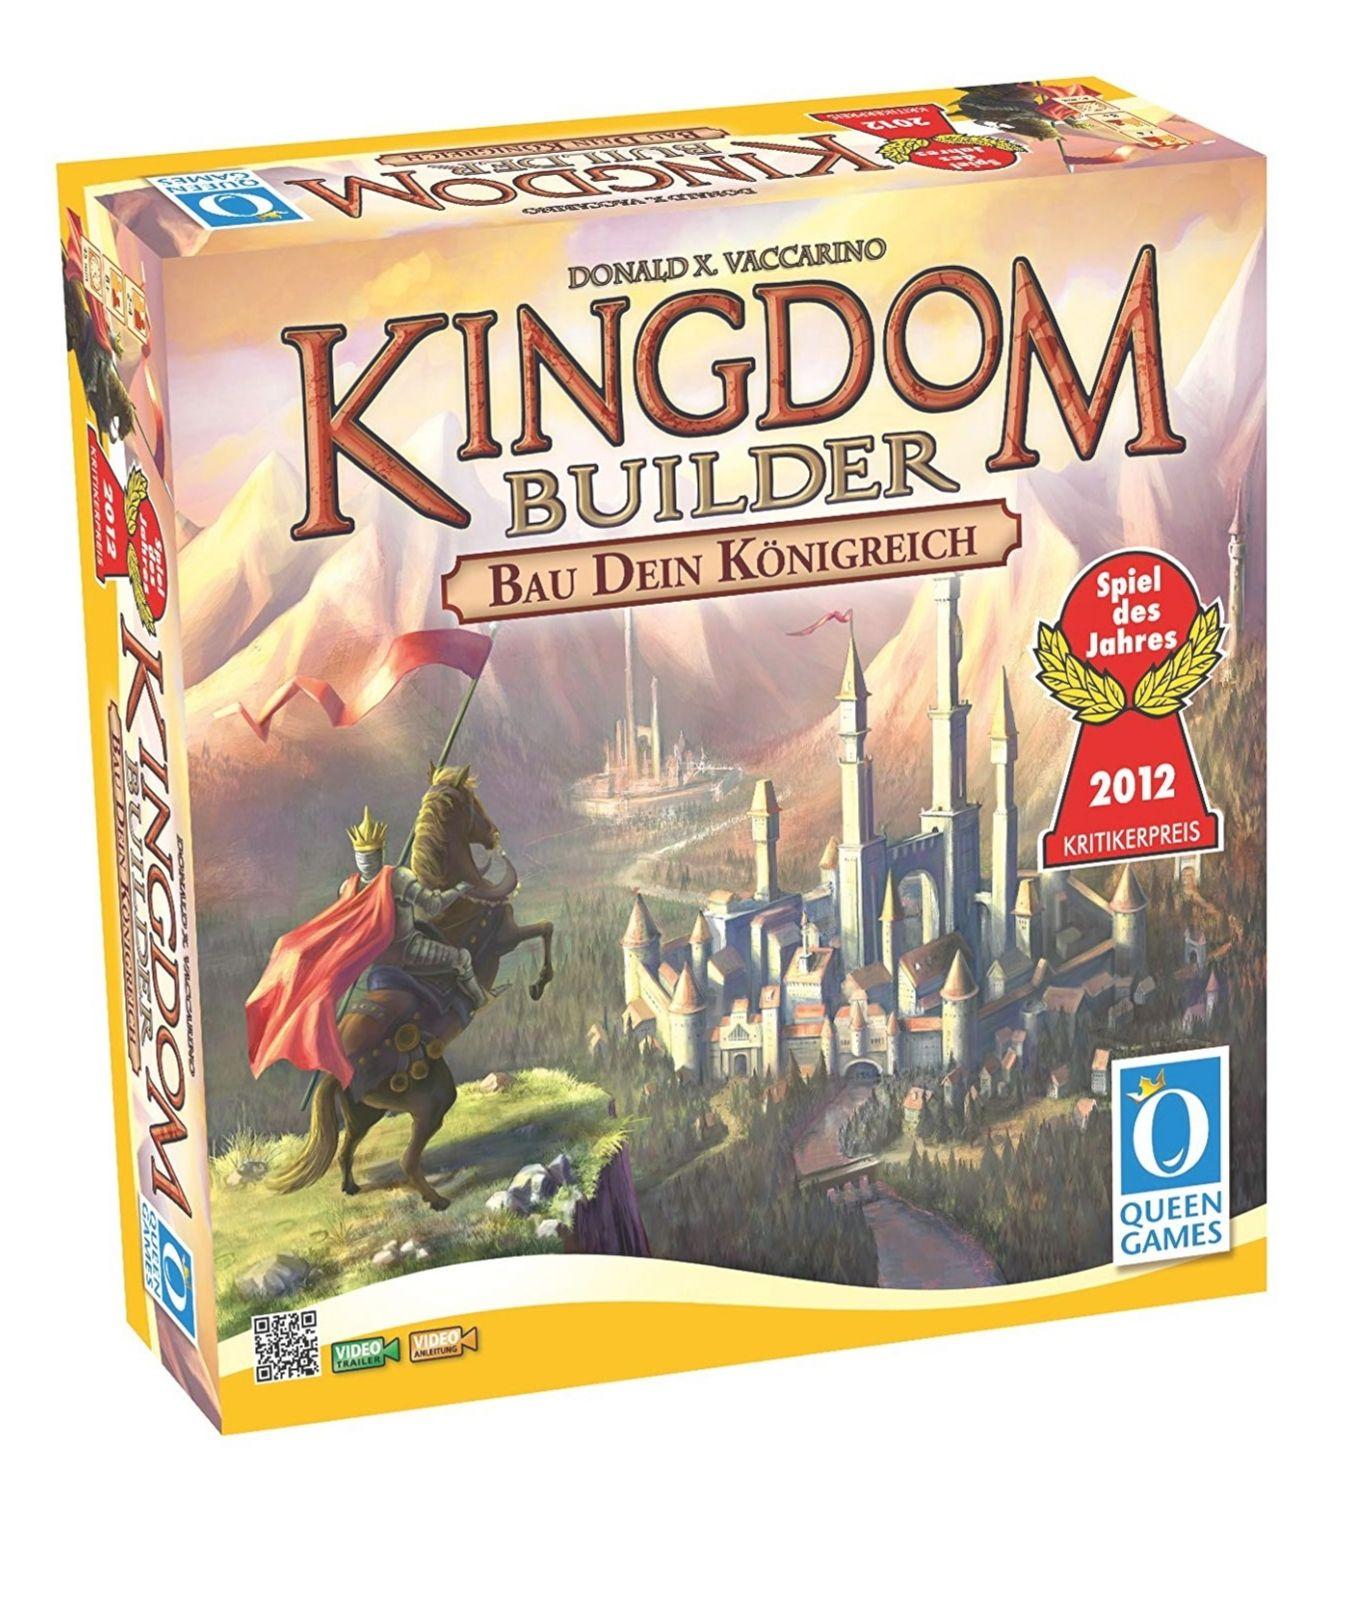 Spiel des Jahres 2012, Kingdom Builder